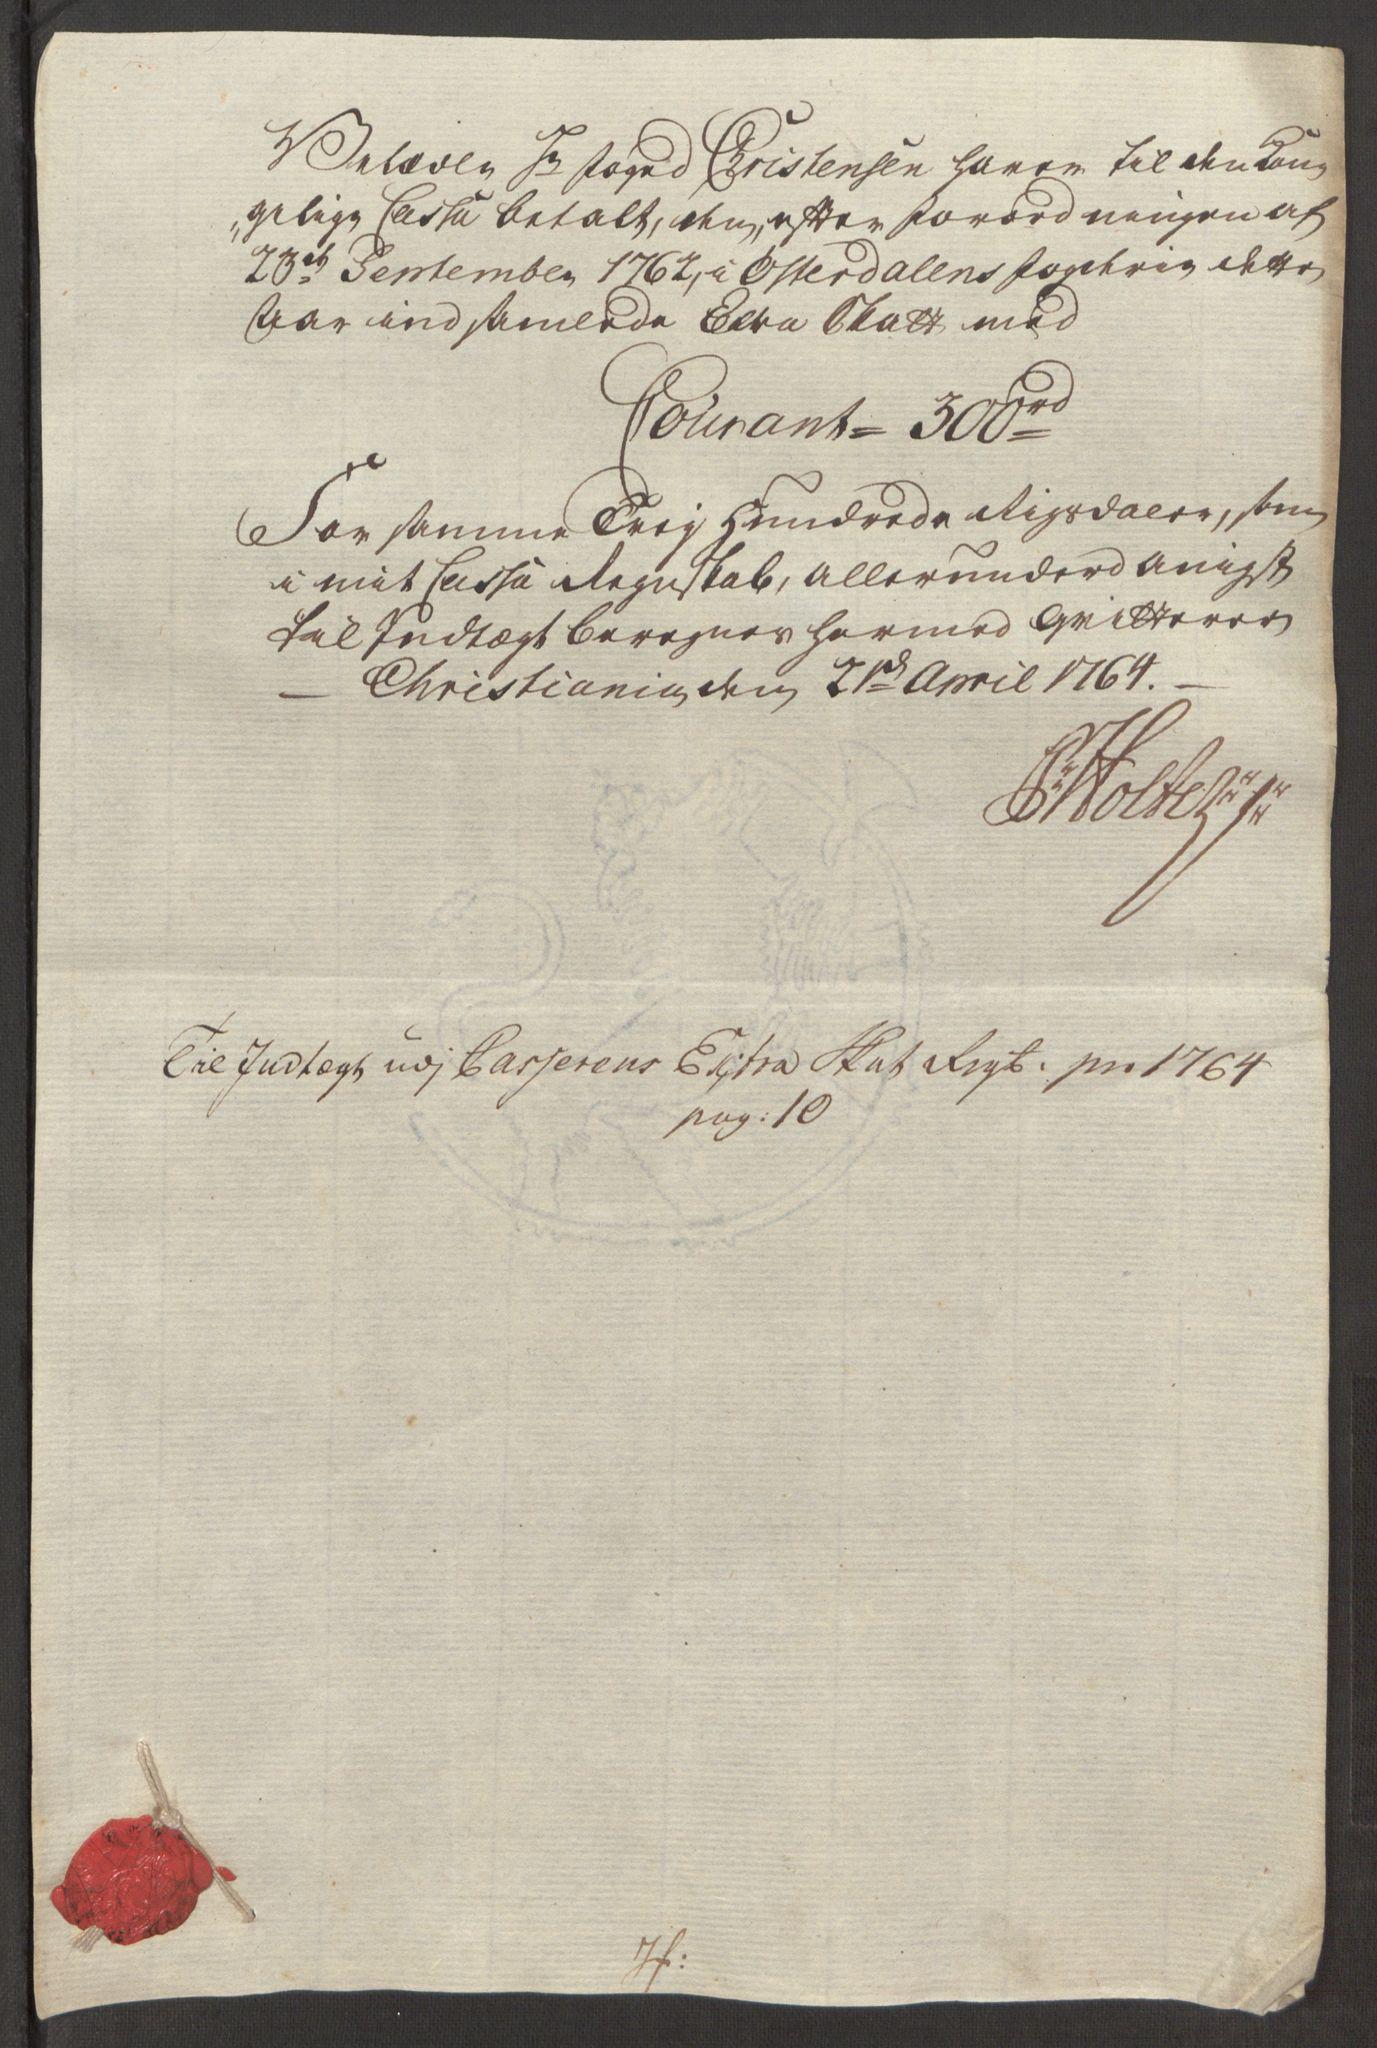 RA, Rentekammeret inntil 1814, Reviderte regnskaper, Fogderegnskap, R15/L1014: Ekstraskatten Østerdal, 1762-1764, s. 524